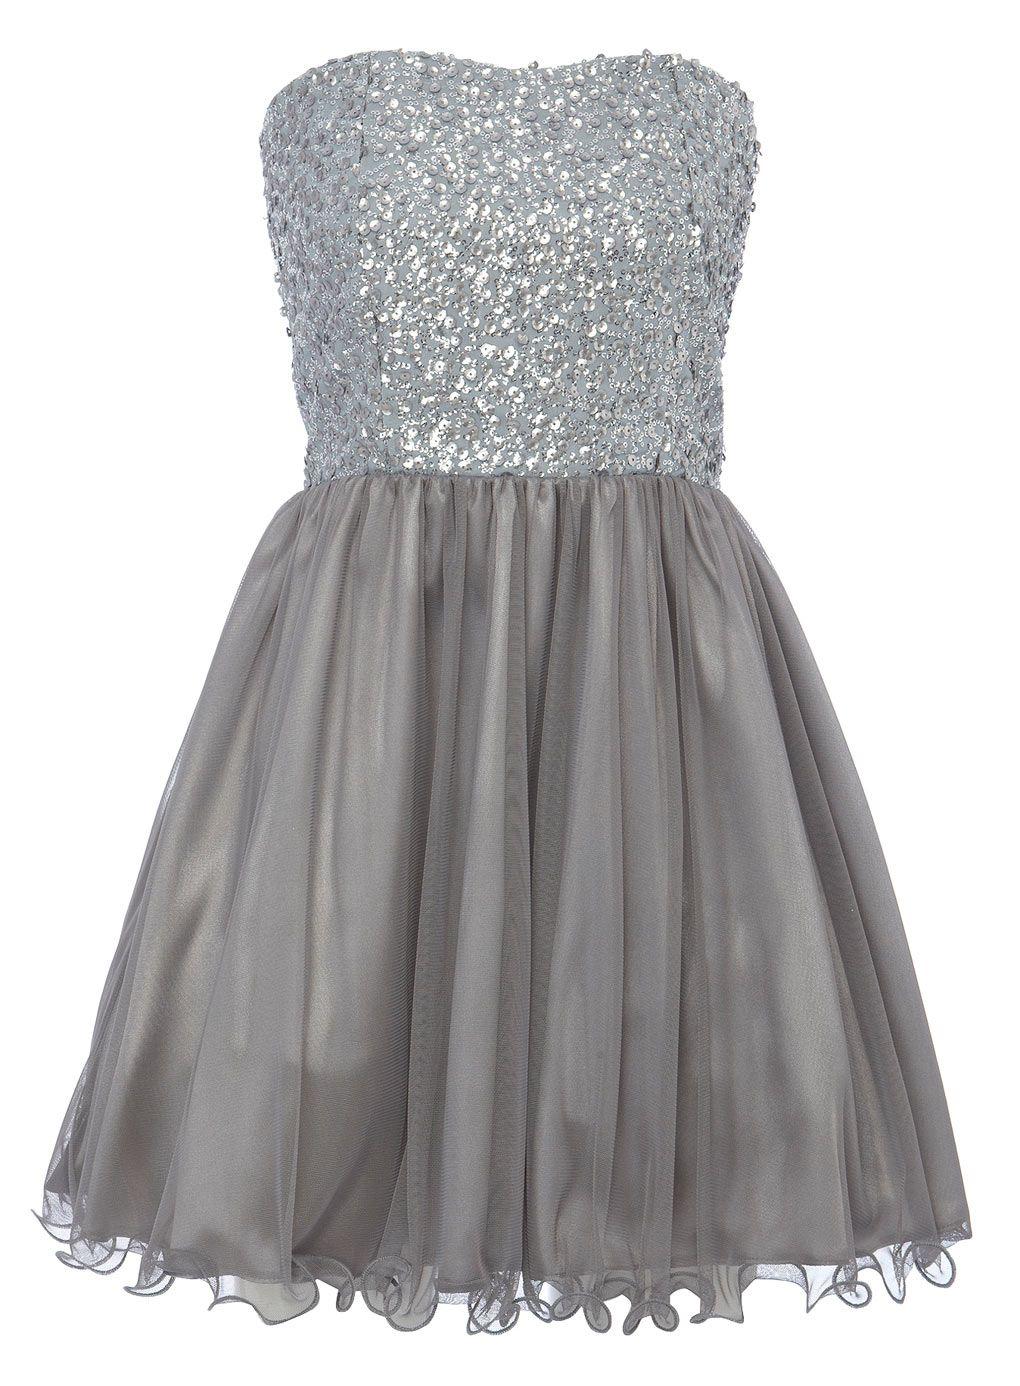 dresses - older girls (8-16) - Children - BHS | Dresses in 2018 ...